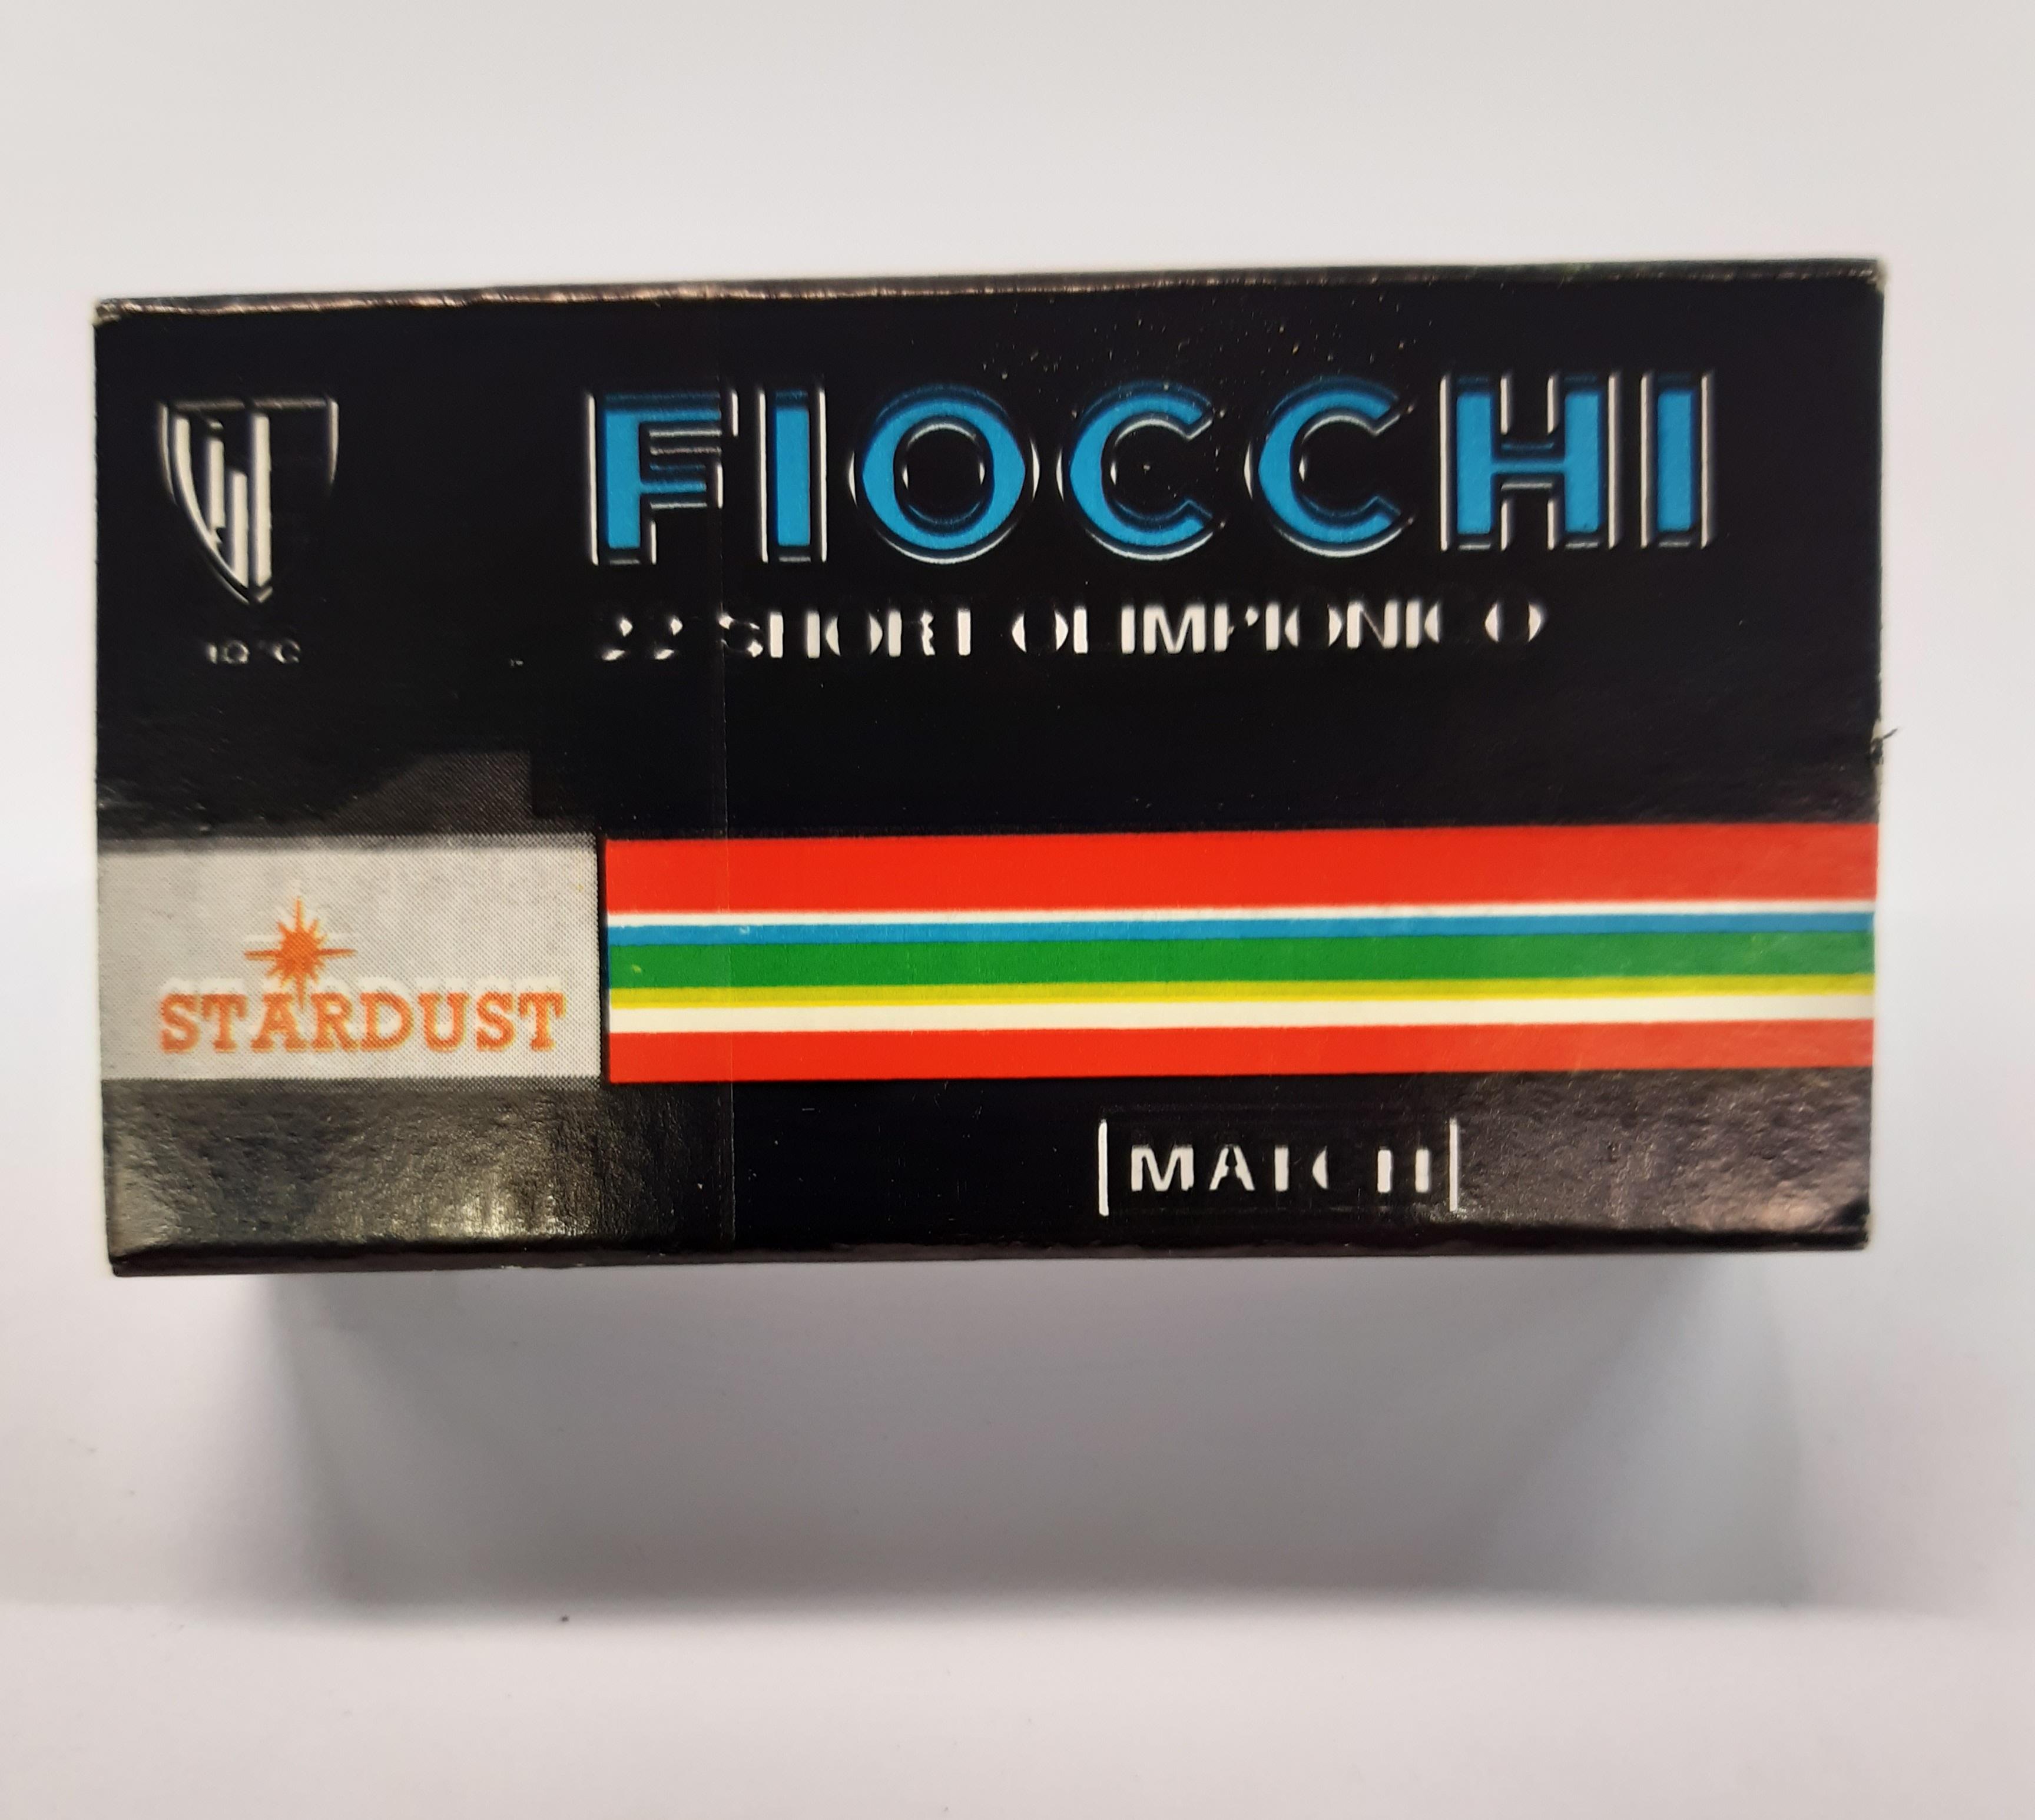 Fiocchi 22 short Olimpionico